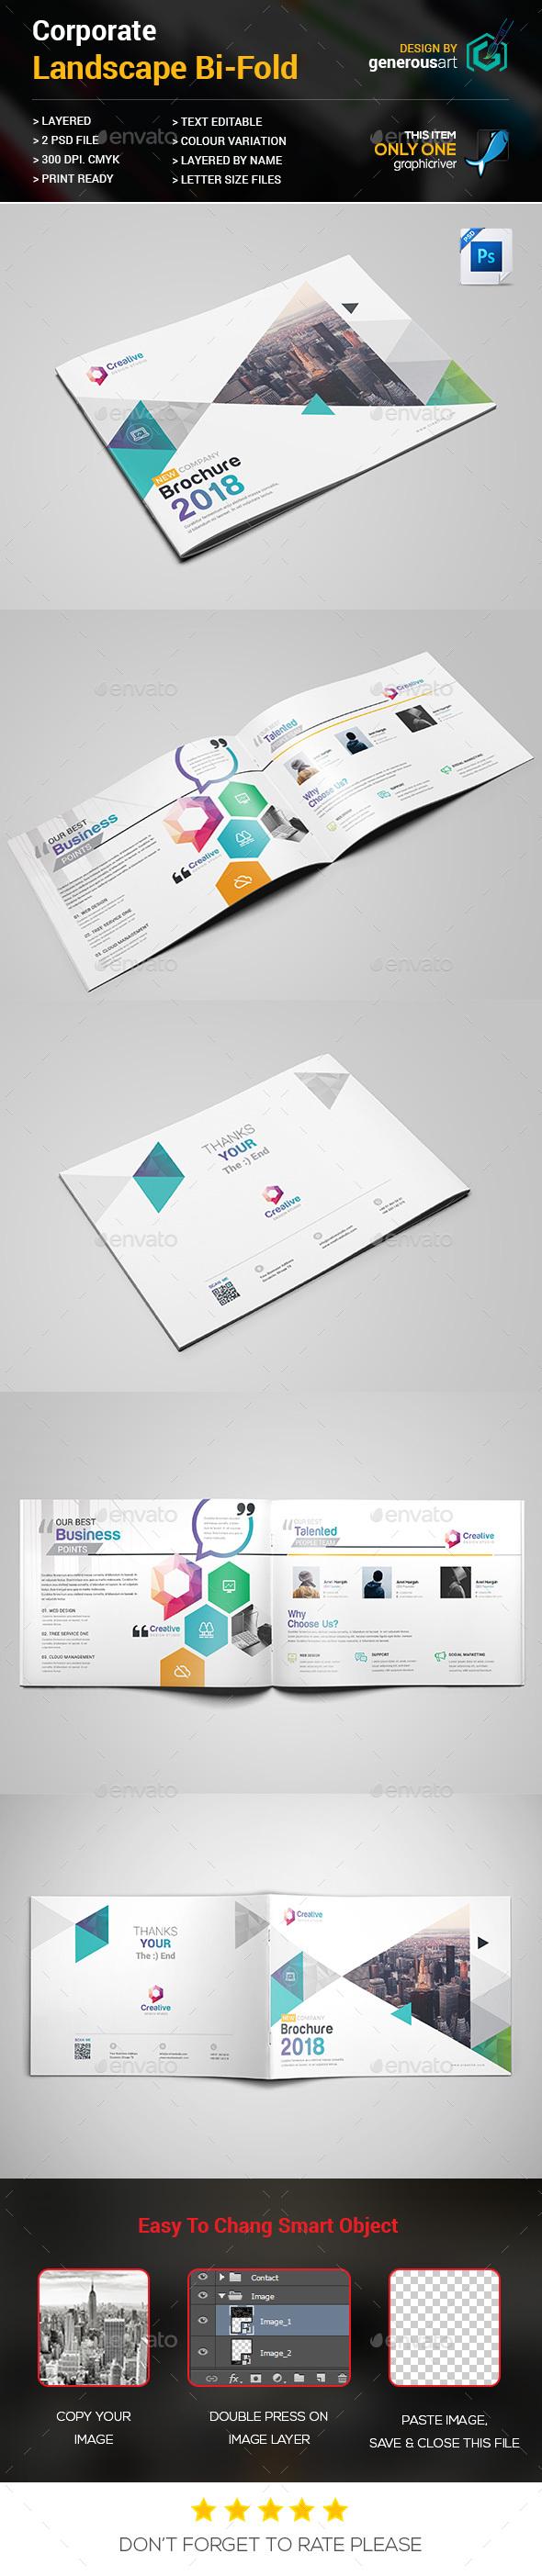 Landscape Bi-Fold Template - Corporate Brochures